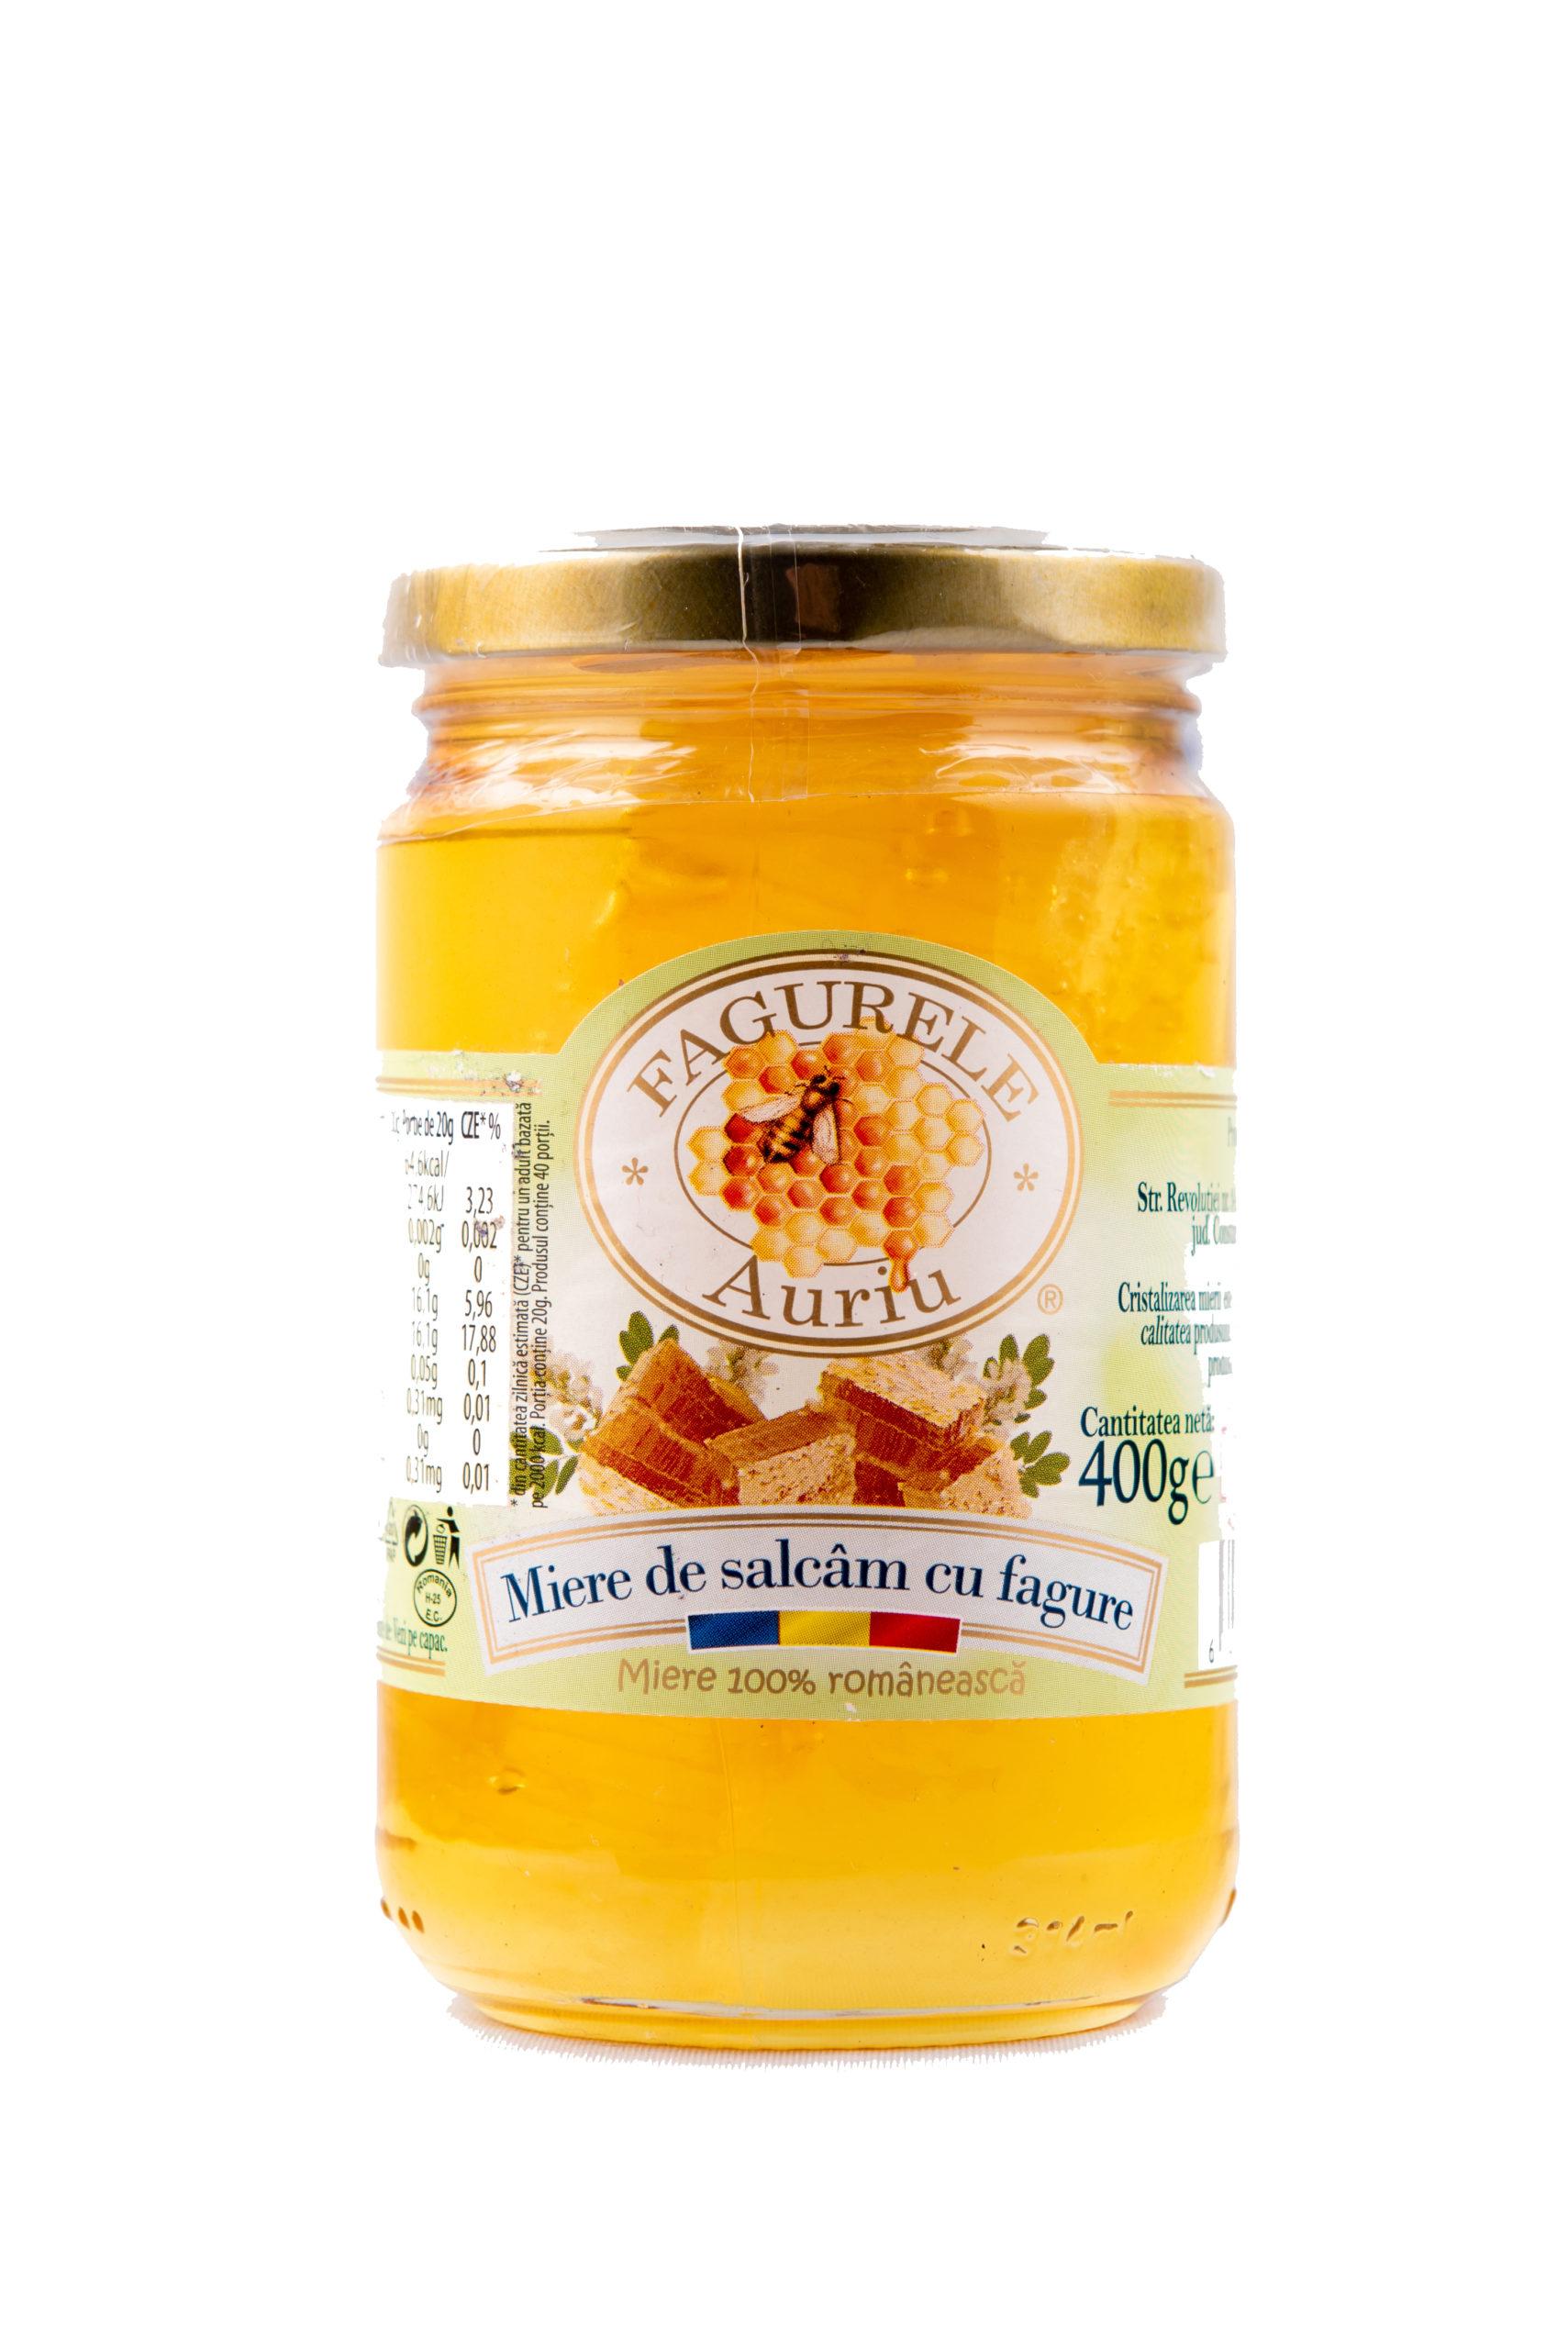 Miere salcam cu fagure Fagurele Auriu 400g - Întăreşte imunitatea, Ameliorează afecţiunile respiratorii, Combate afecţiunile stomacului